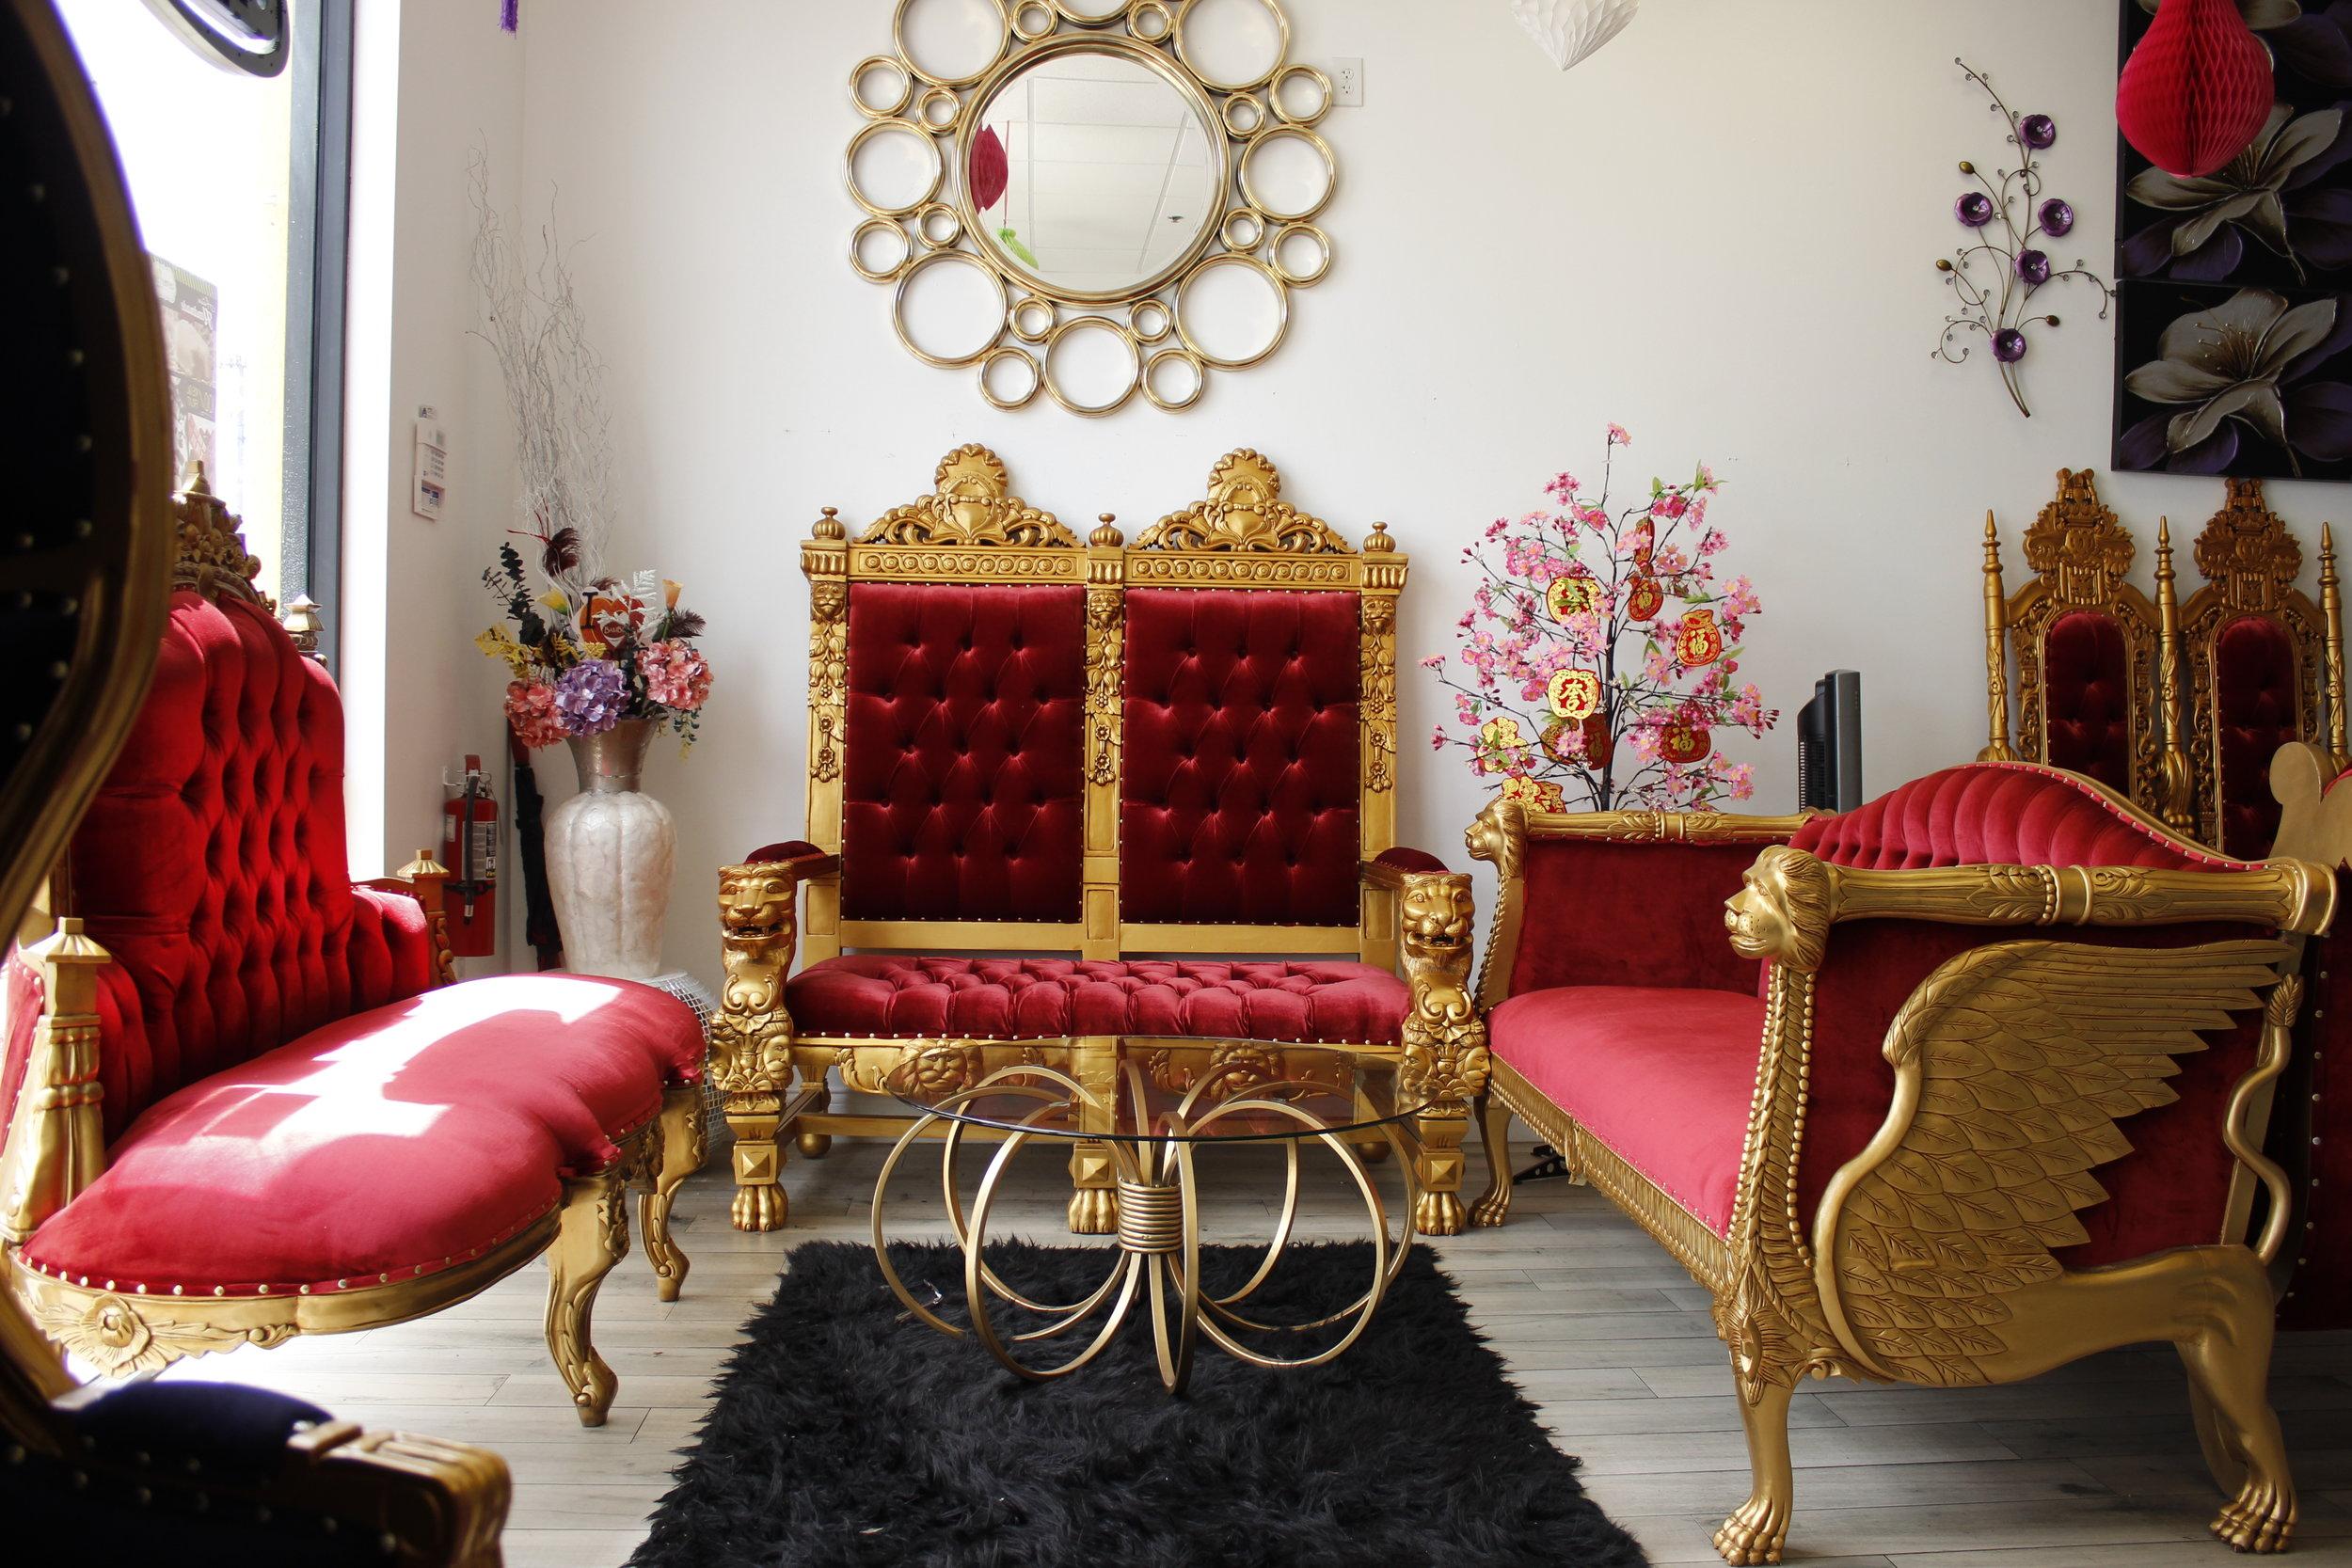 Bambu_Orlando_chairs.JPG